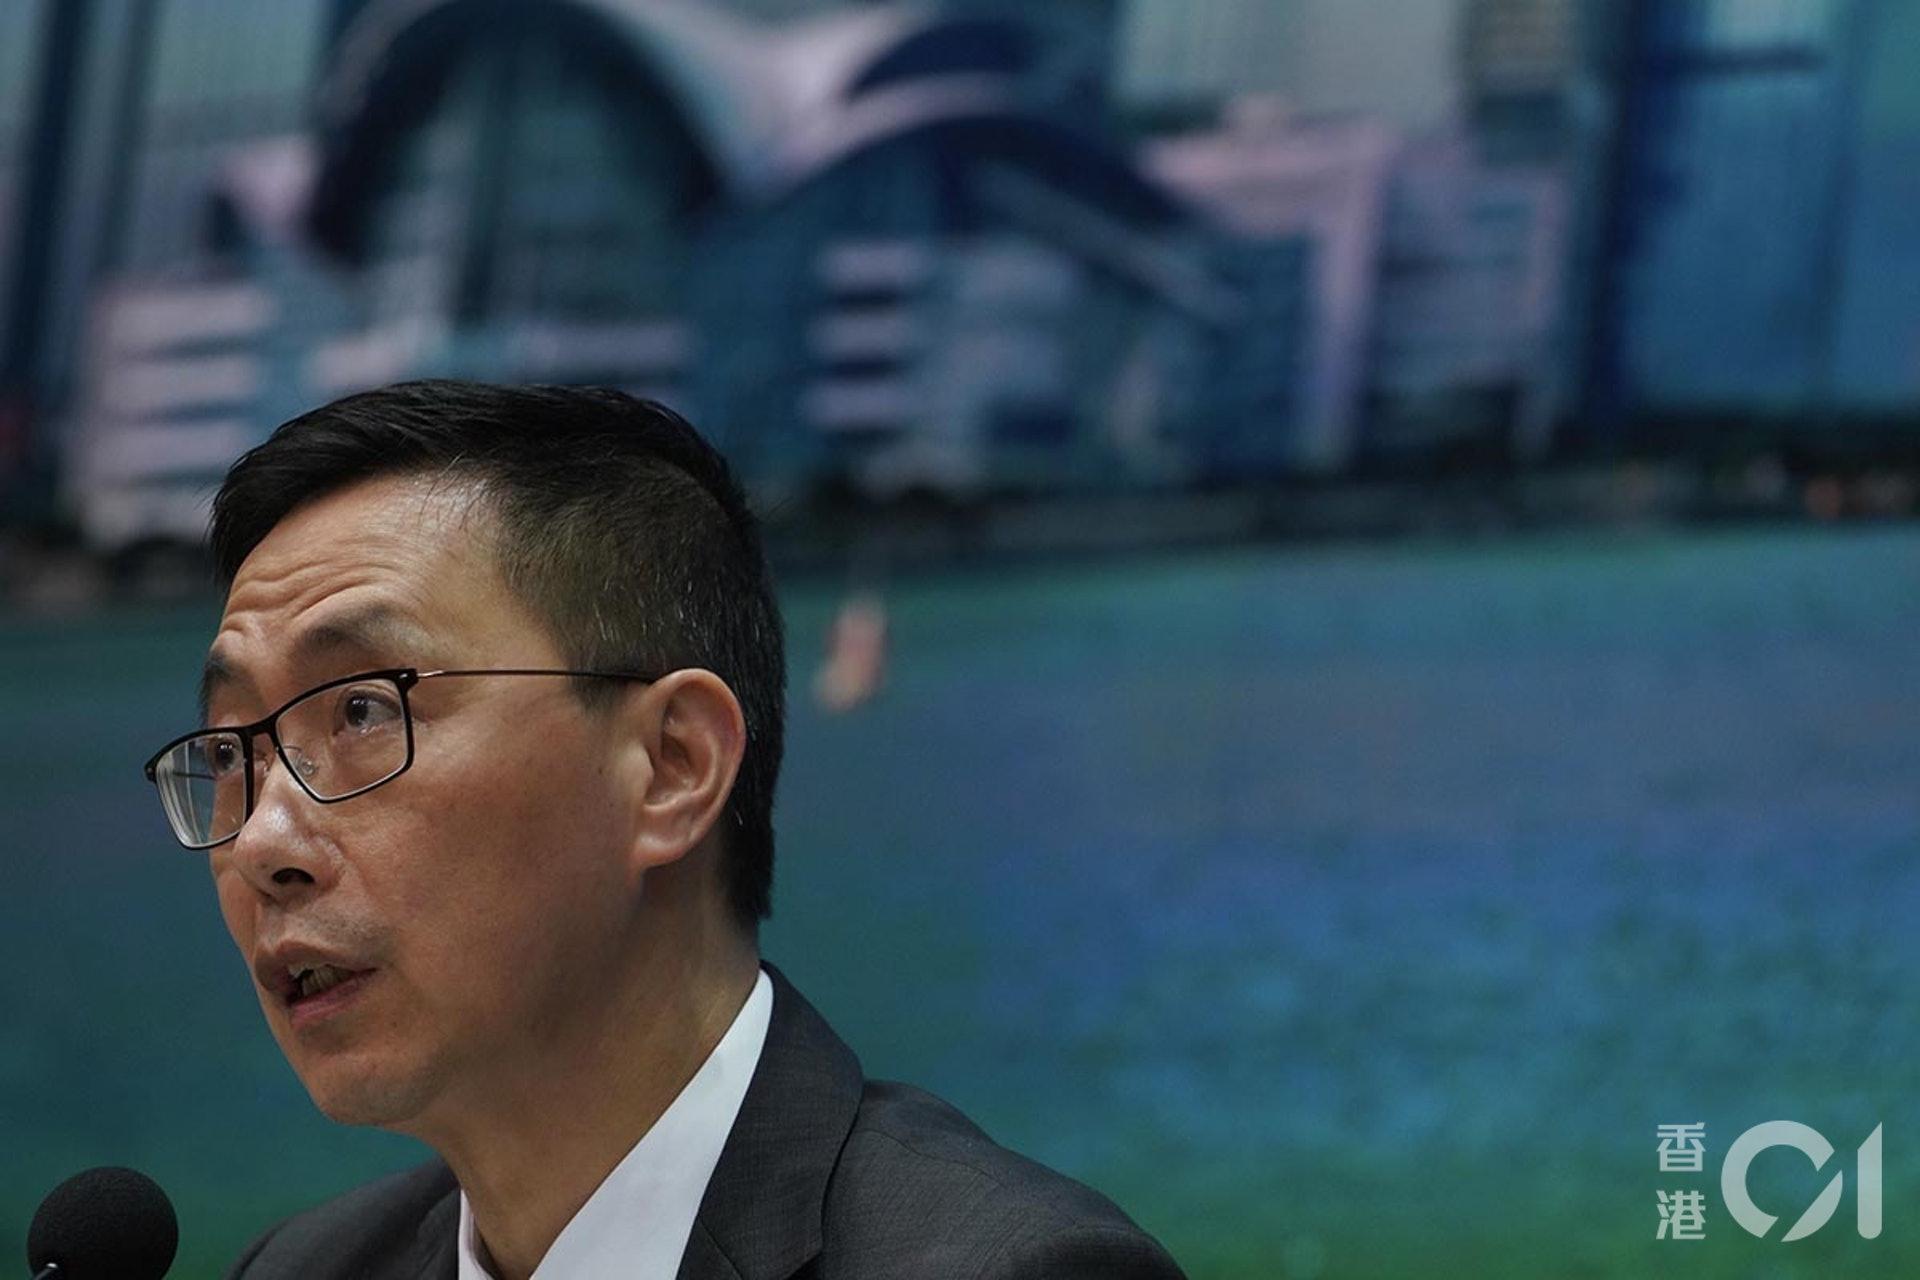 教育局楊潤雄指,會向官校下指令,要求校方採取措施禁學生參與非法行為。(高仲明攝)